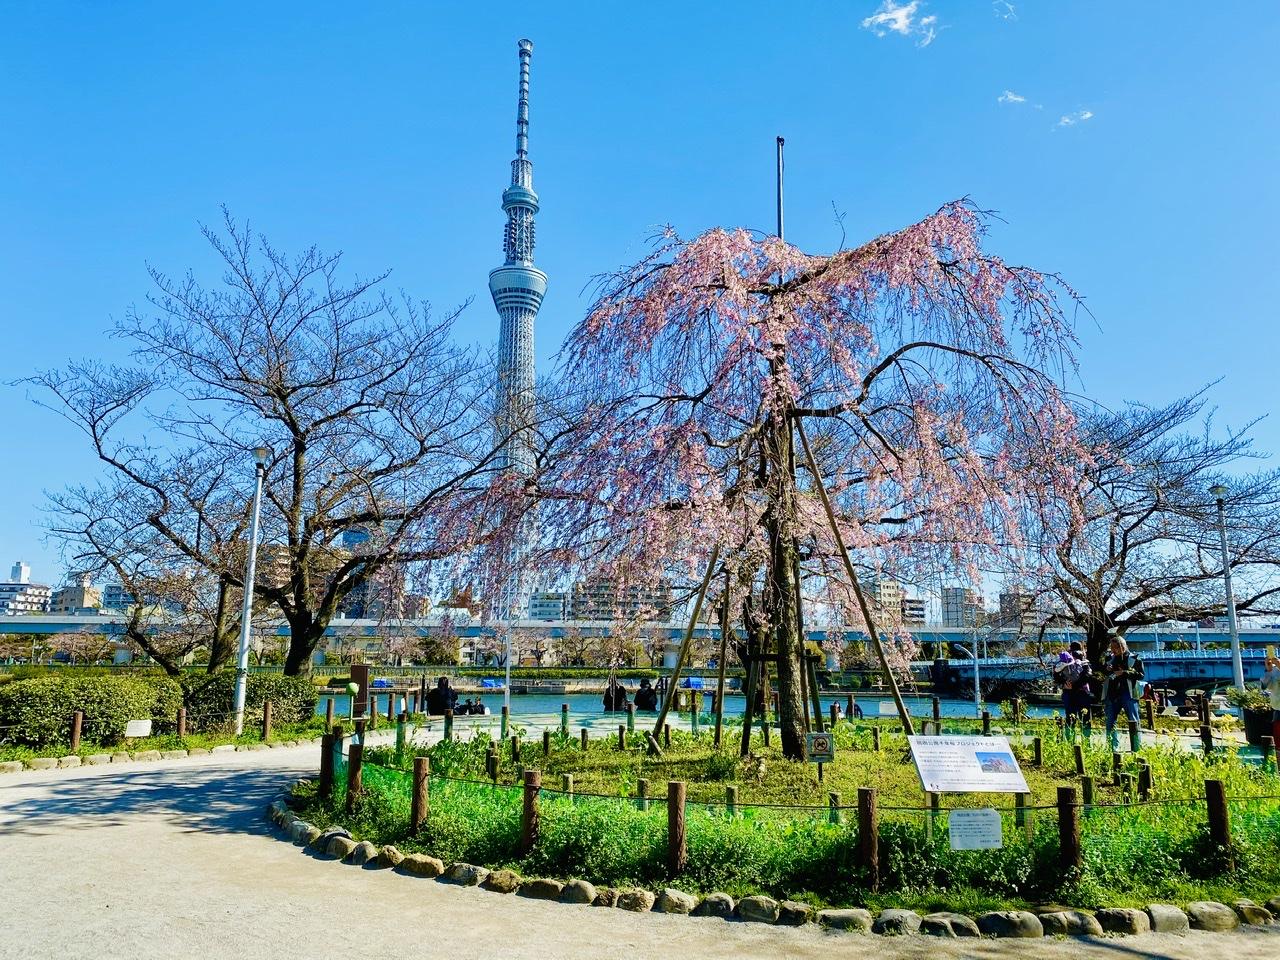 【隅田公園】お花見絶景スポット発見!《桜×東京スカイツリー》のコラボが映え度抜群♡_1